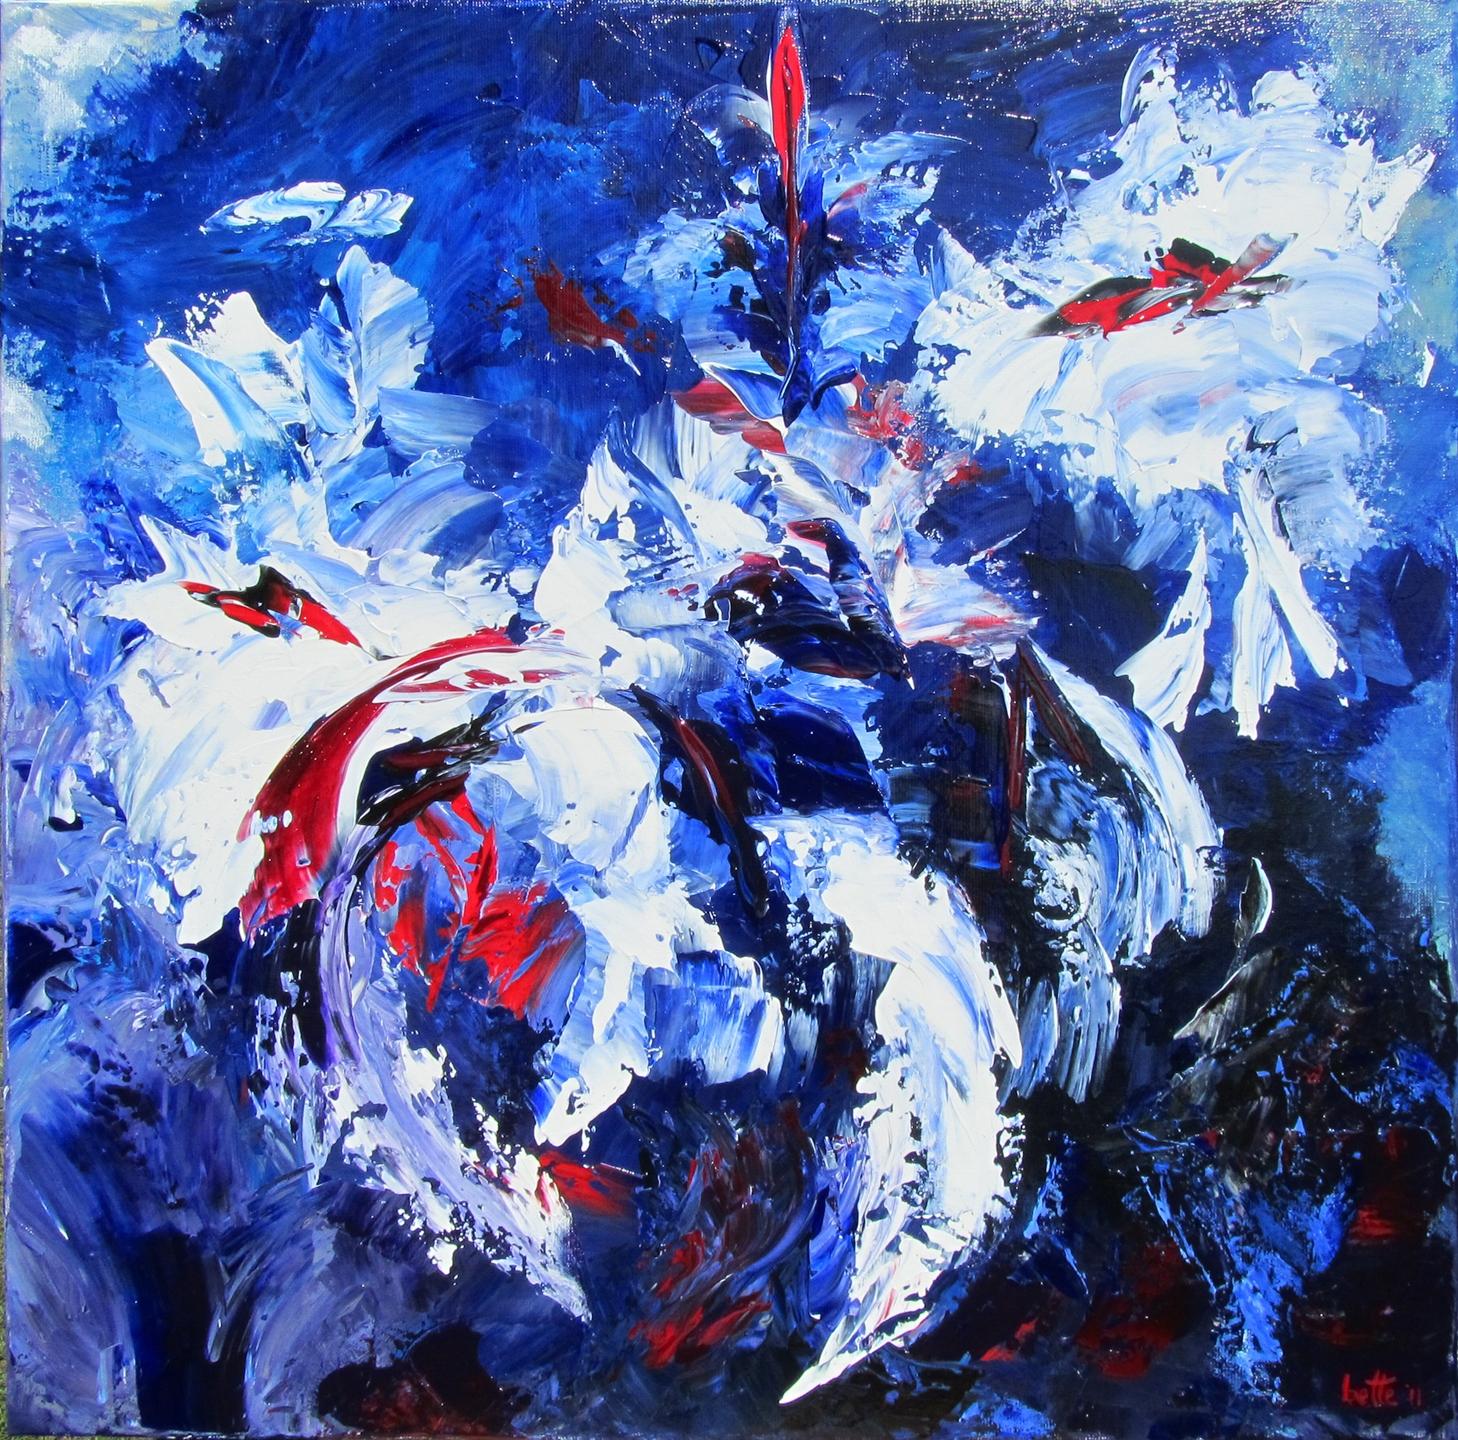 125 - Witte pracht in blauw